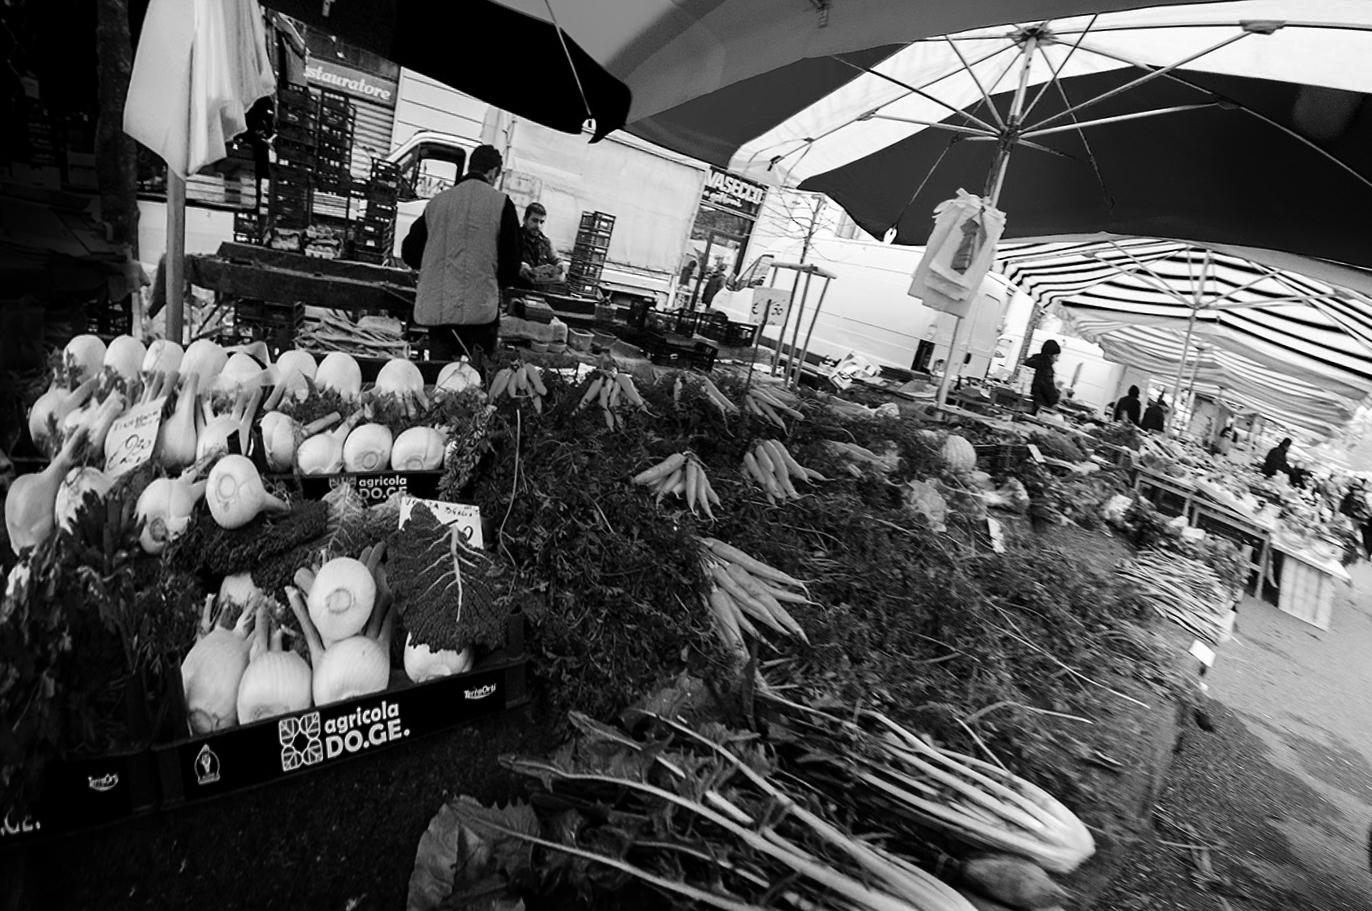 MILUNA-Ewa-Milun-Walczak-Na-Straganie-W-Dzien-targowy-Mediolan-Wlochy-bazar-targ-warzywa-ludzie-tlumy-reportaz-zakupy-5